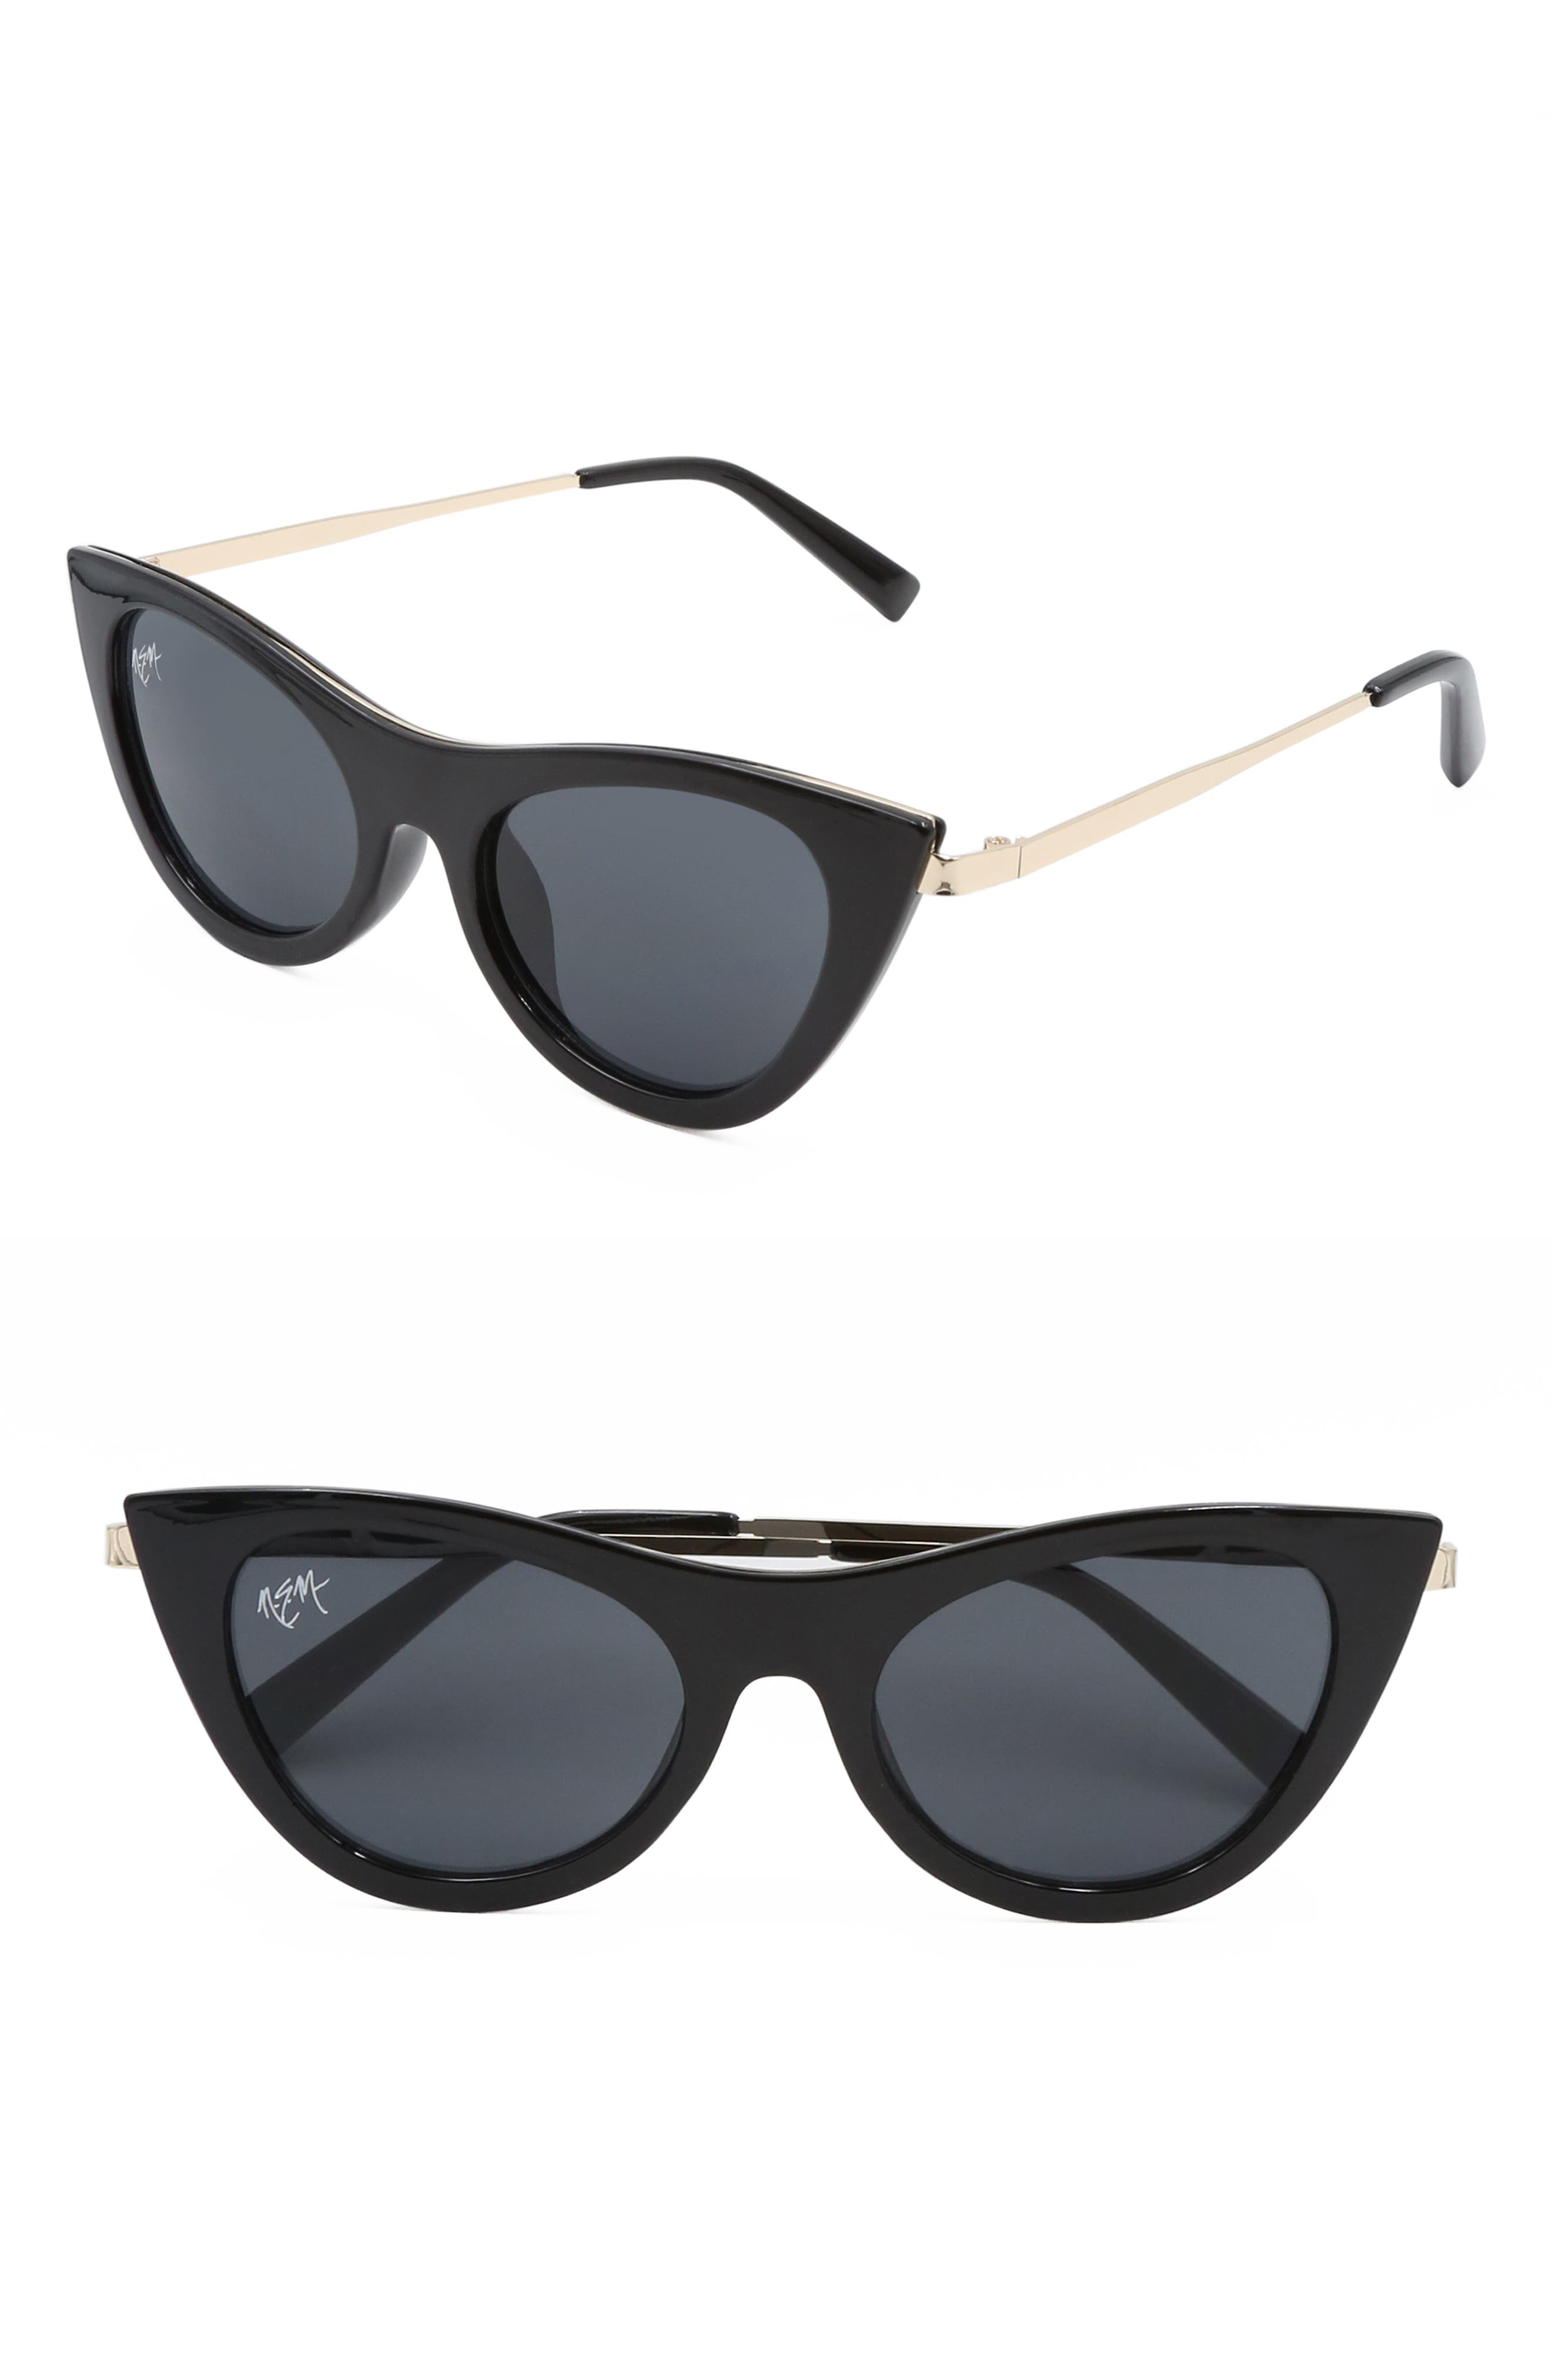 Nem Cruise 50Mm Cat Eye Sunglasses - Black W Dark Lens